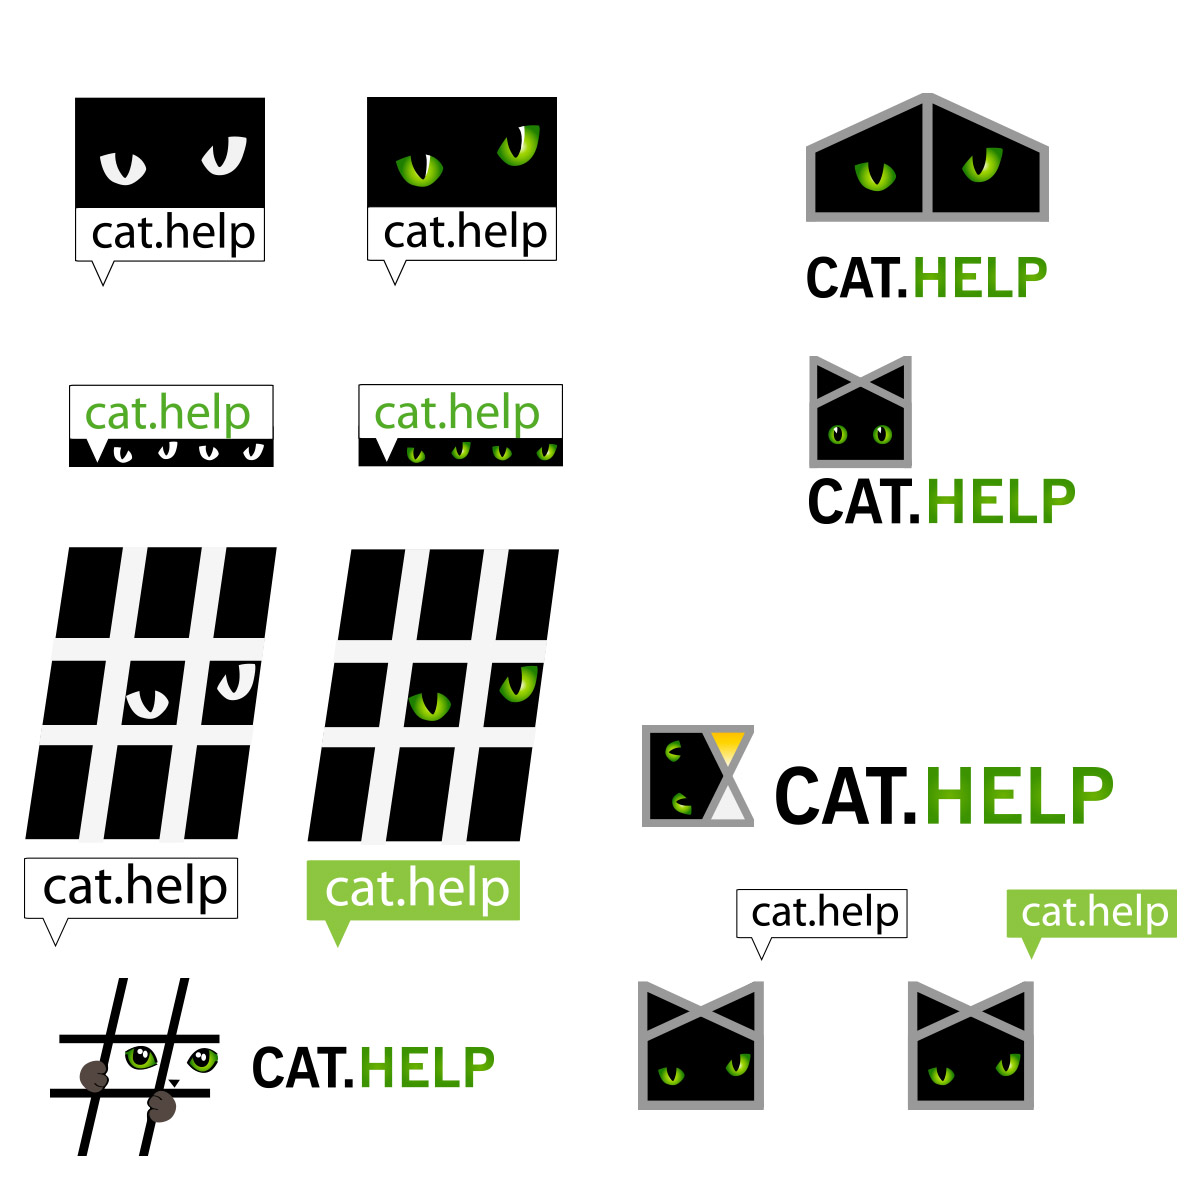 логотип для сайта и группы вк - cat.help фото f_56959e513a981cf4.jpg